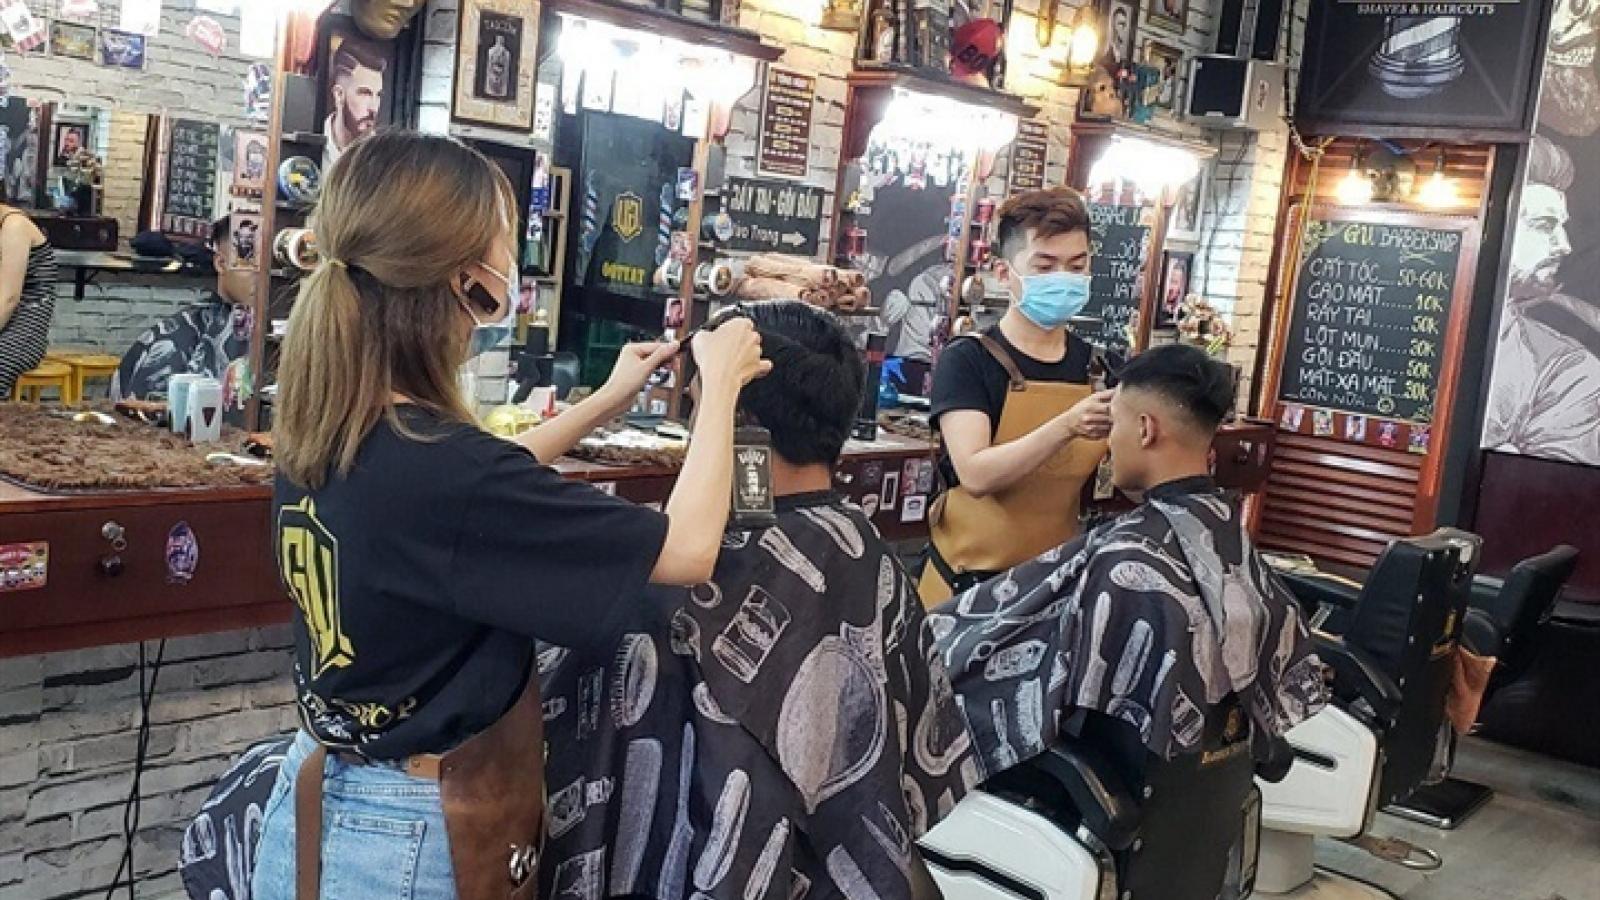 Người làm giặt là, cắt tóc, may đo phải nộp thuế 7%: Tổng cục Thuế nói gì?